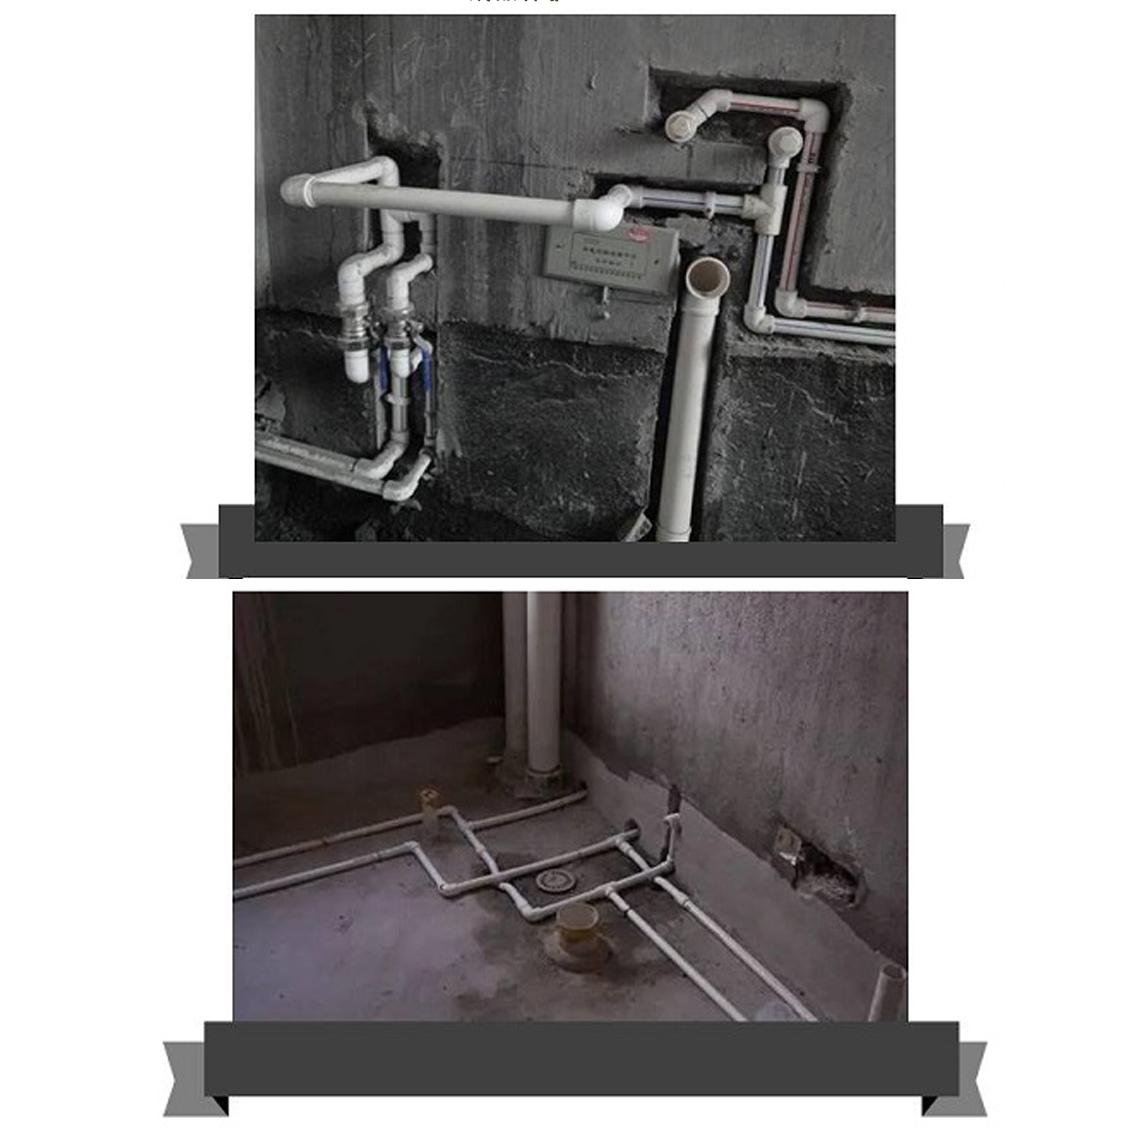 管道安装 seo关键字  :给排水施工图,建筑给排水安装,给水排水工程施工